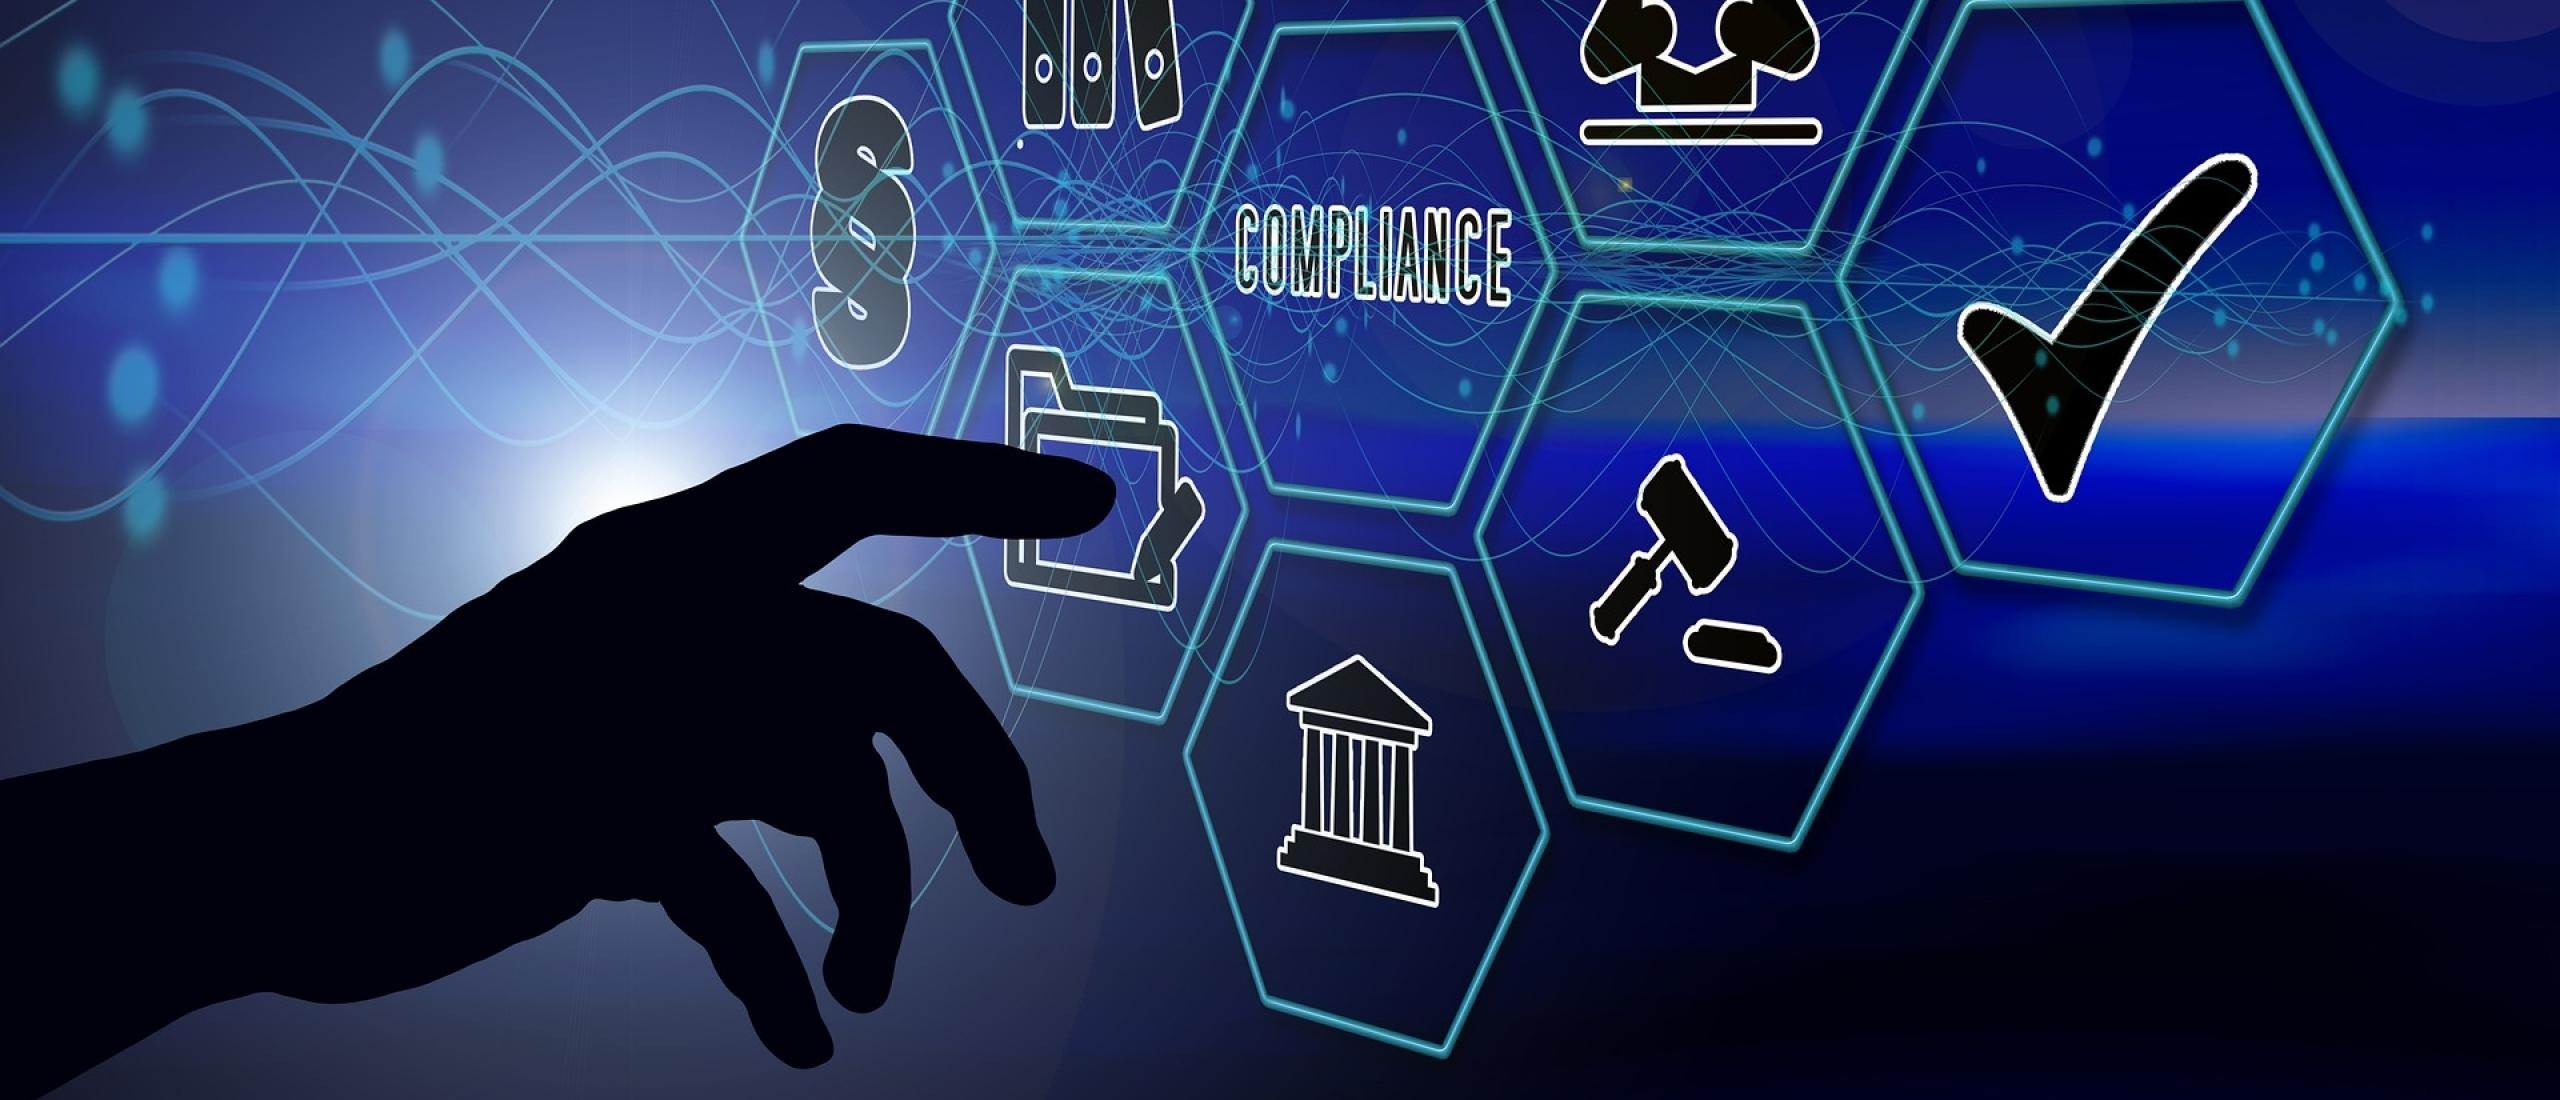 Organisaties meenemen naar een volwassen complianceniveau